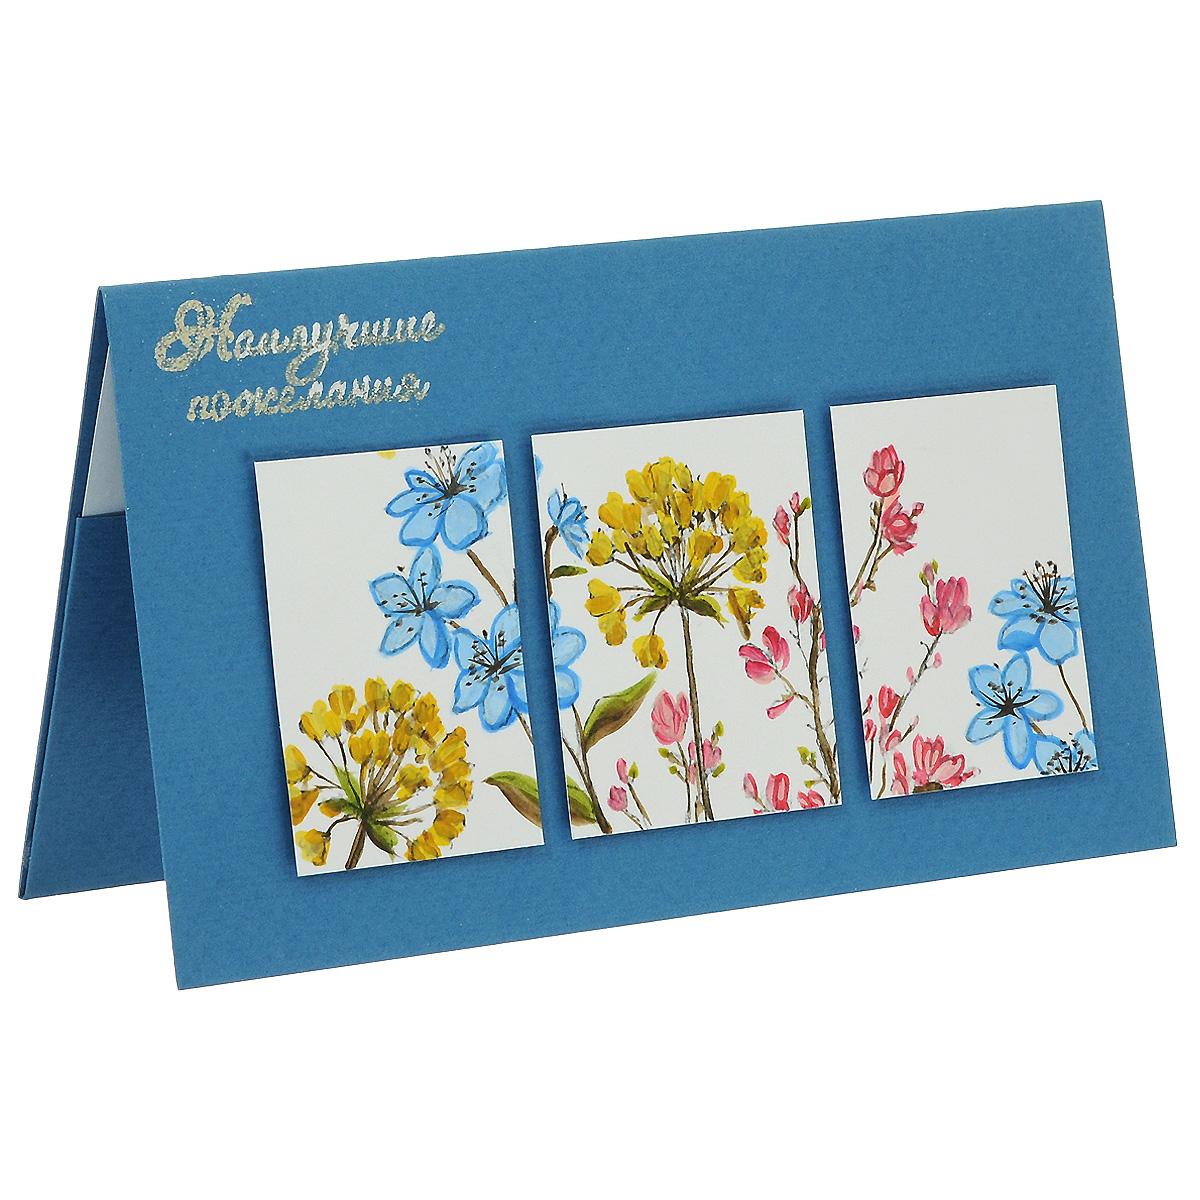 ОЖ-0024Открытка-конверт «Наилучшие пожелания» (триптих голубой). Студия «Тётя Роза»94541Характеристики: Размер 19 см x 11 см.Материал: Высоко-художественный картон, бумага, декор. Данная открытка может стать как прекрасным дополнением к вашему подарку, так и самостоятельным подарком. Так как открытка является и конвертом, в который вы можете вложить ваш денежный подарок или просто написать ваши пожелания на вкладыше. Дизайн этой открытки сложился из использования рукописного триптиха с цветочным мотивом полевых трав. В простоте решения этого поздравления заложена выразительность восприятия. Цветы прорисованы вручную акриловыми красками. Надпись выполнена в технике горячего термоподъема. Также открытка упакована в пакетик для сохранности.Обращаем Ваше внимание на то, что открытка может незначительно отличаться от представленной на фото.Открытки ручной работы от студии Тётя Роза отличаются своим неповторимым и ярким стилем. Каждая уникальна и выполнена вручную мастерами студии. (Открытка для мужчин, открытка для женщины, открытка на день рождения, открытка с днем свадьбы, открытка винтаж, открытка с юбилеем, открытка на все случаи, скрапбукинг)